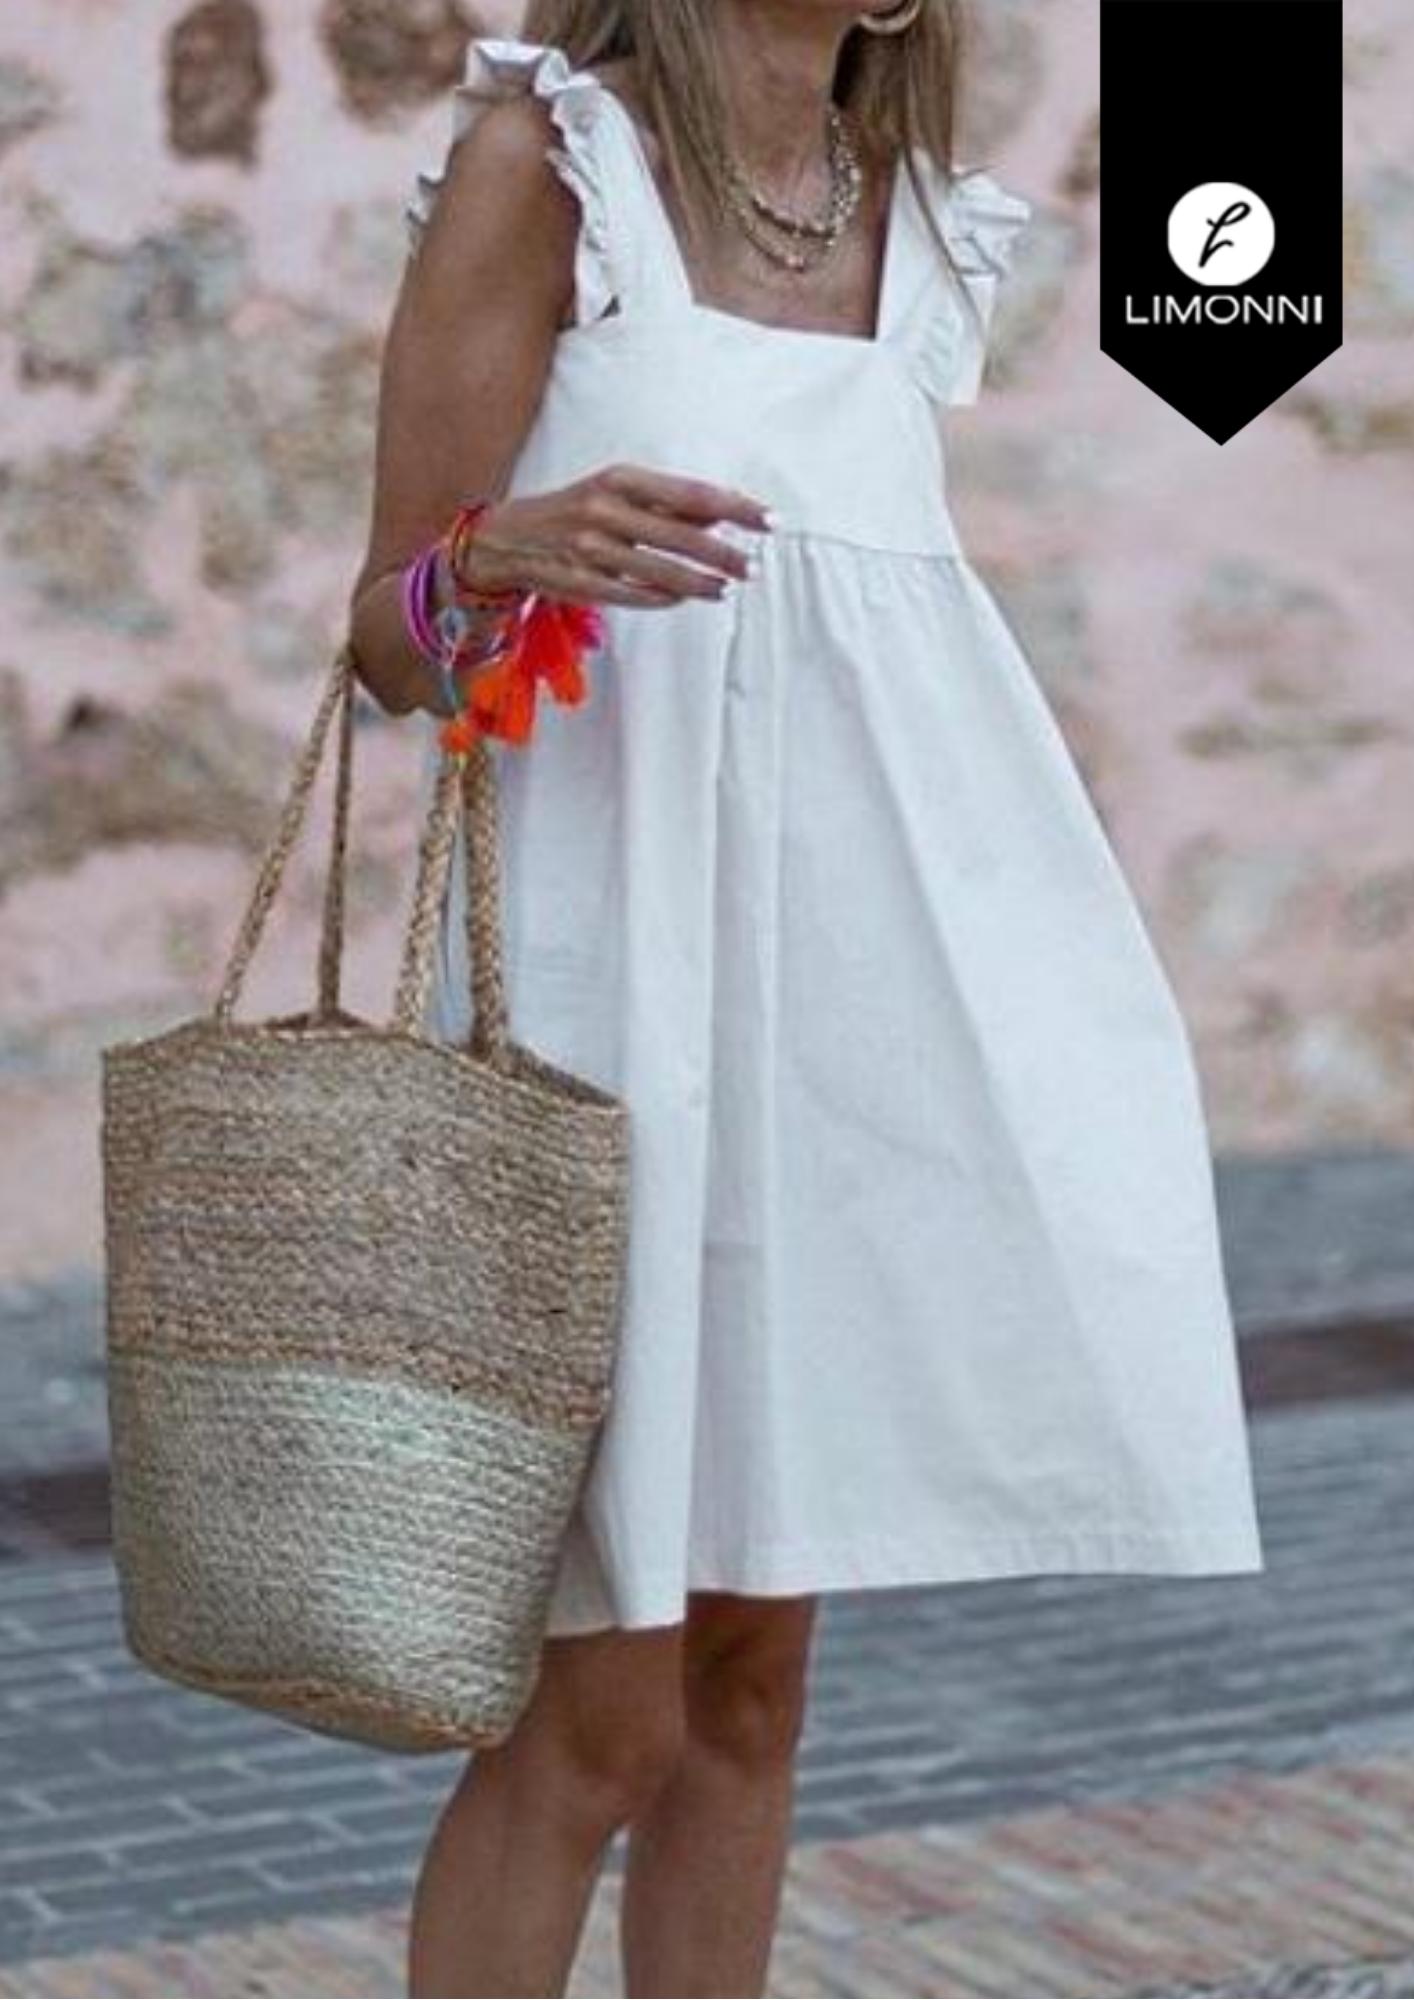 Vestidos para mujer Limonni Visionary LI3214 Cortos Casuales